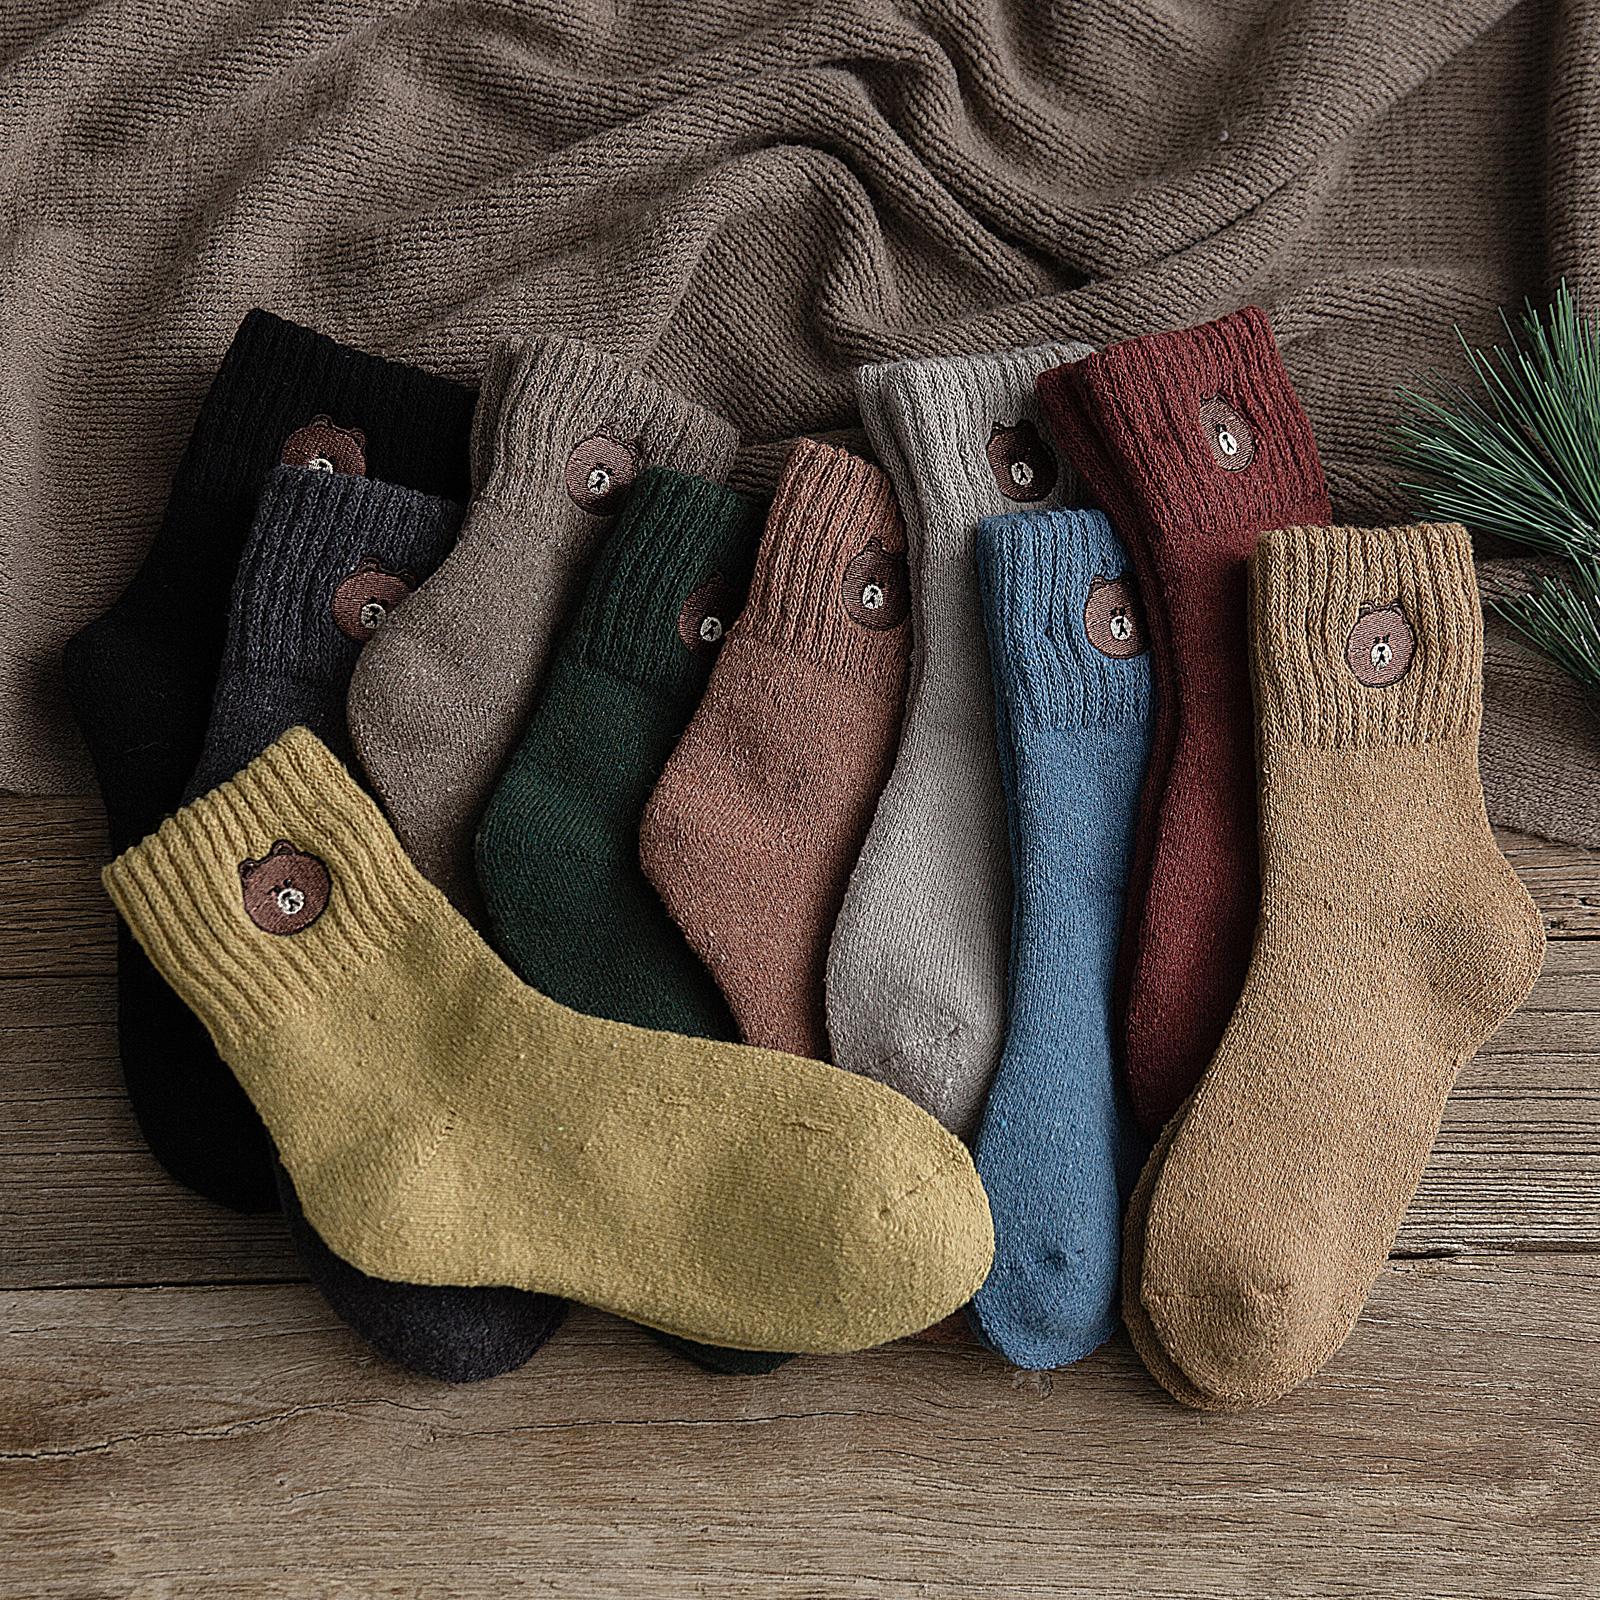 长袜子女中筒袜韩版日系秋冬季加厚毛巾袜保暖加绒毛圈羊毛袜新款